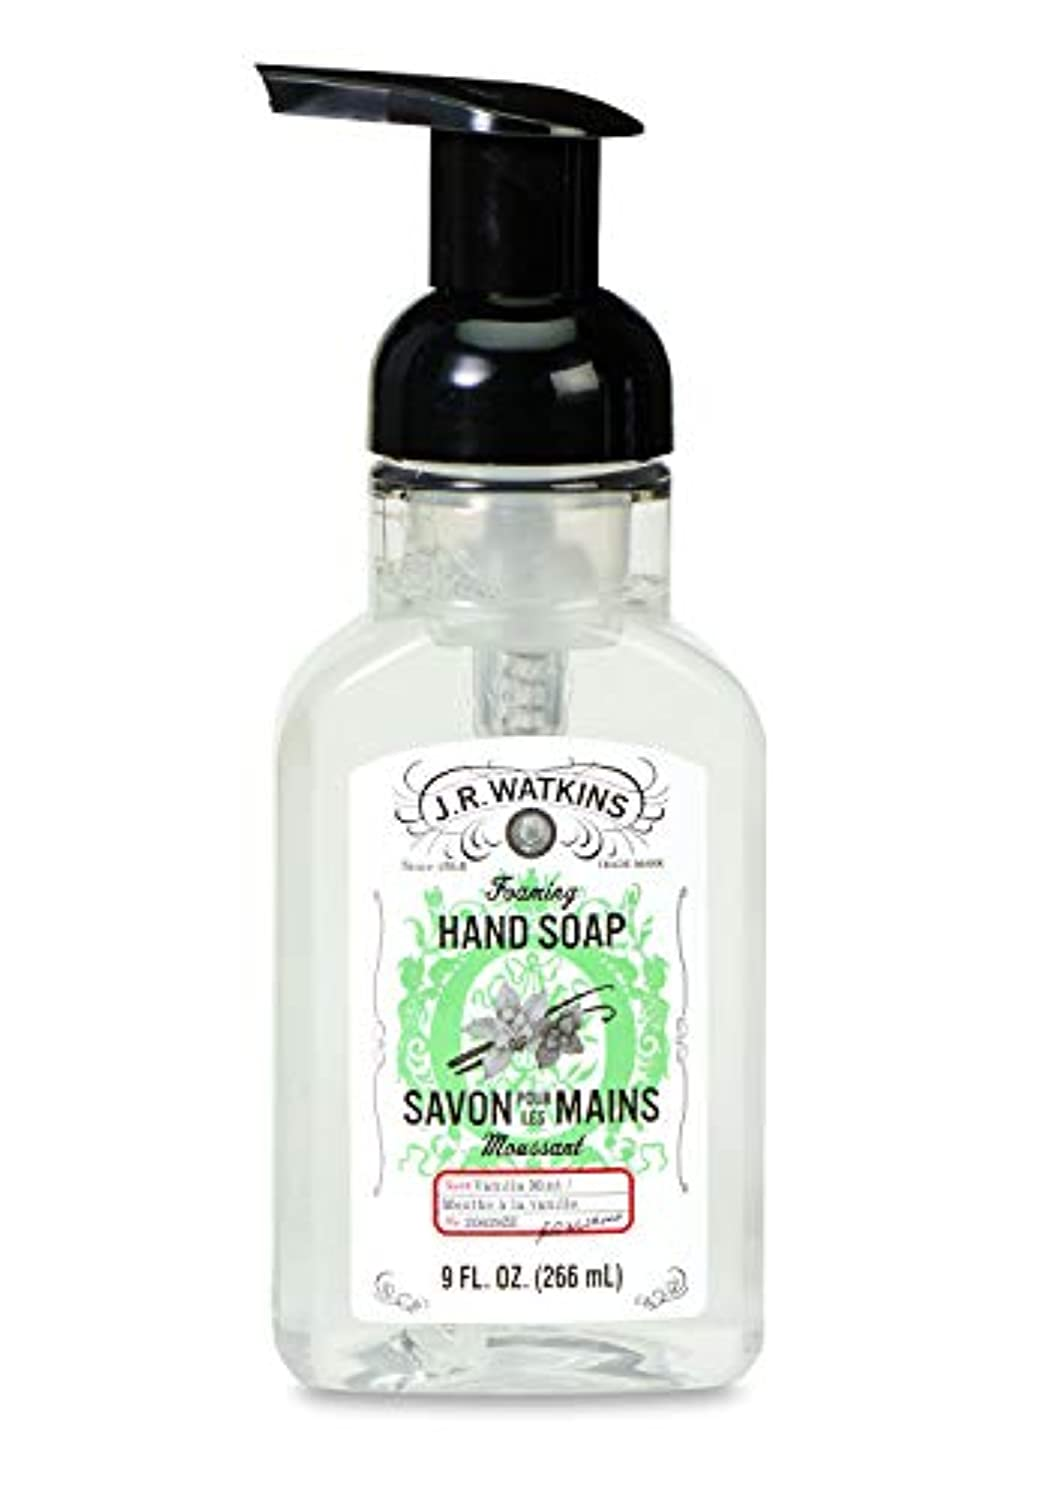 緊張実業家姉妹J.R.Watkins/フォーミングハンドソープ バニラミント 266ml リラックス 石鹸 泡石鹸 植物由来 洗浄力